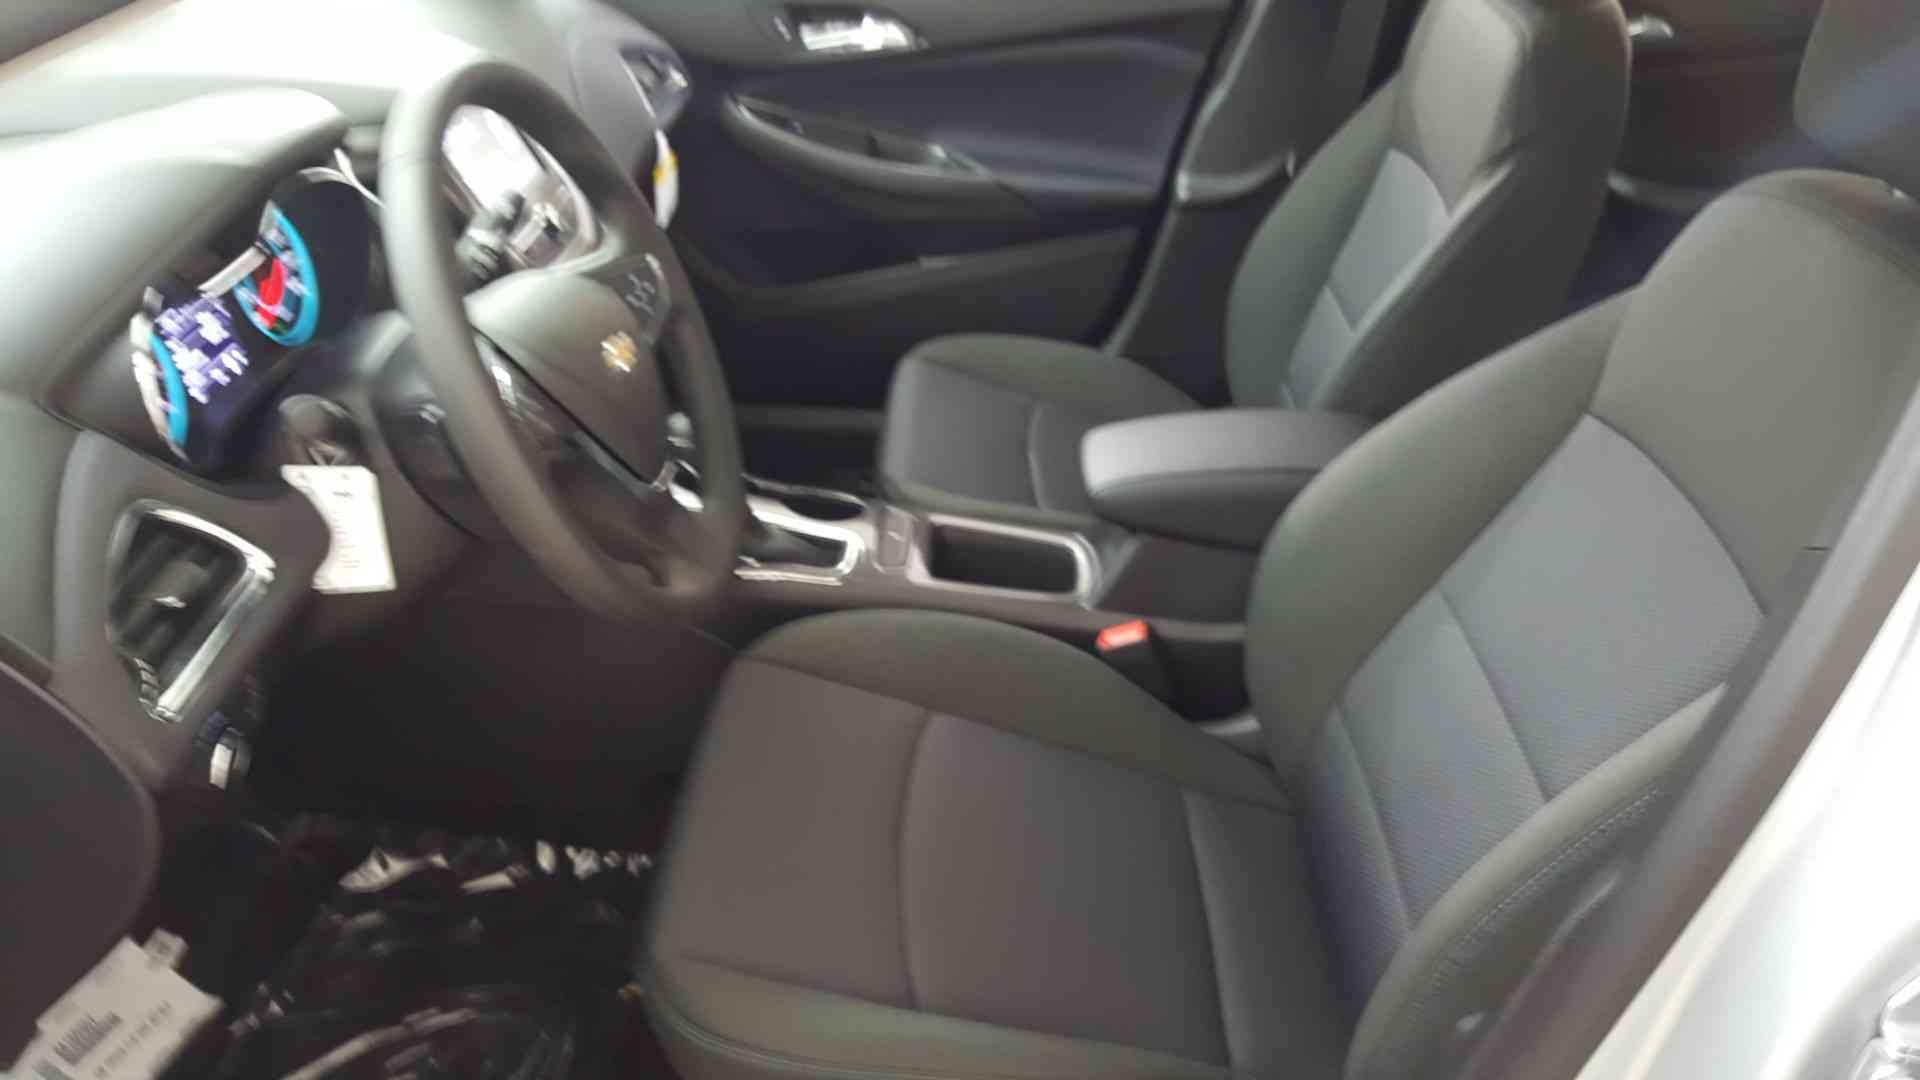 New 2018 Chevrolet Cruze 4dr Sdn 14l Lt W 1sd Car In Chicago 2000 Subaru Impreza Fuel Filter Location 25